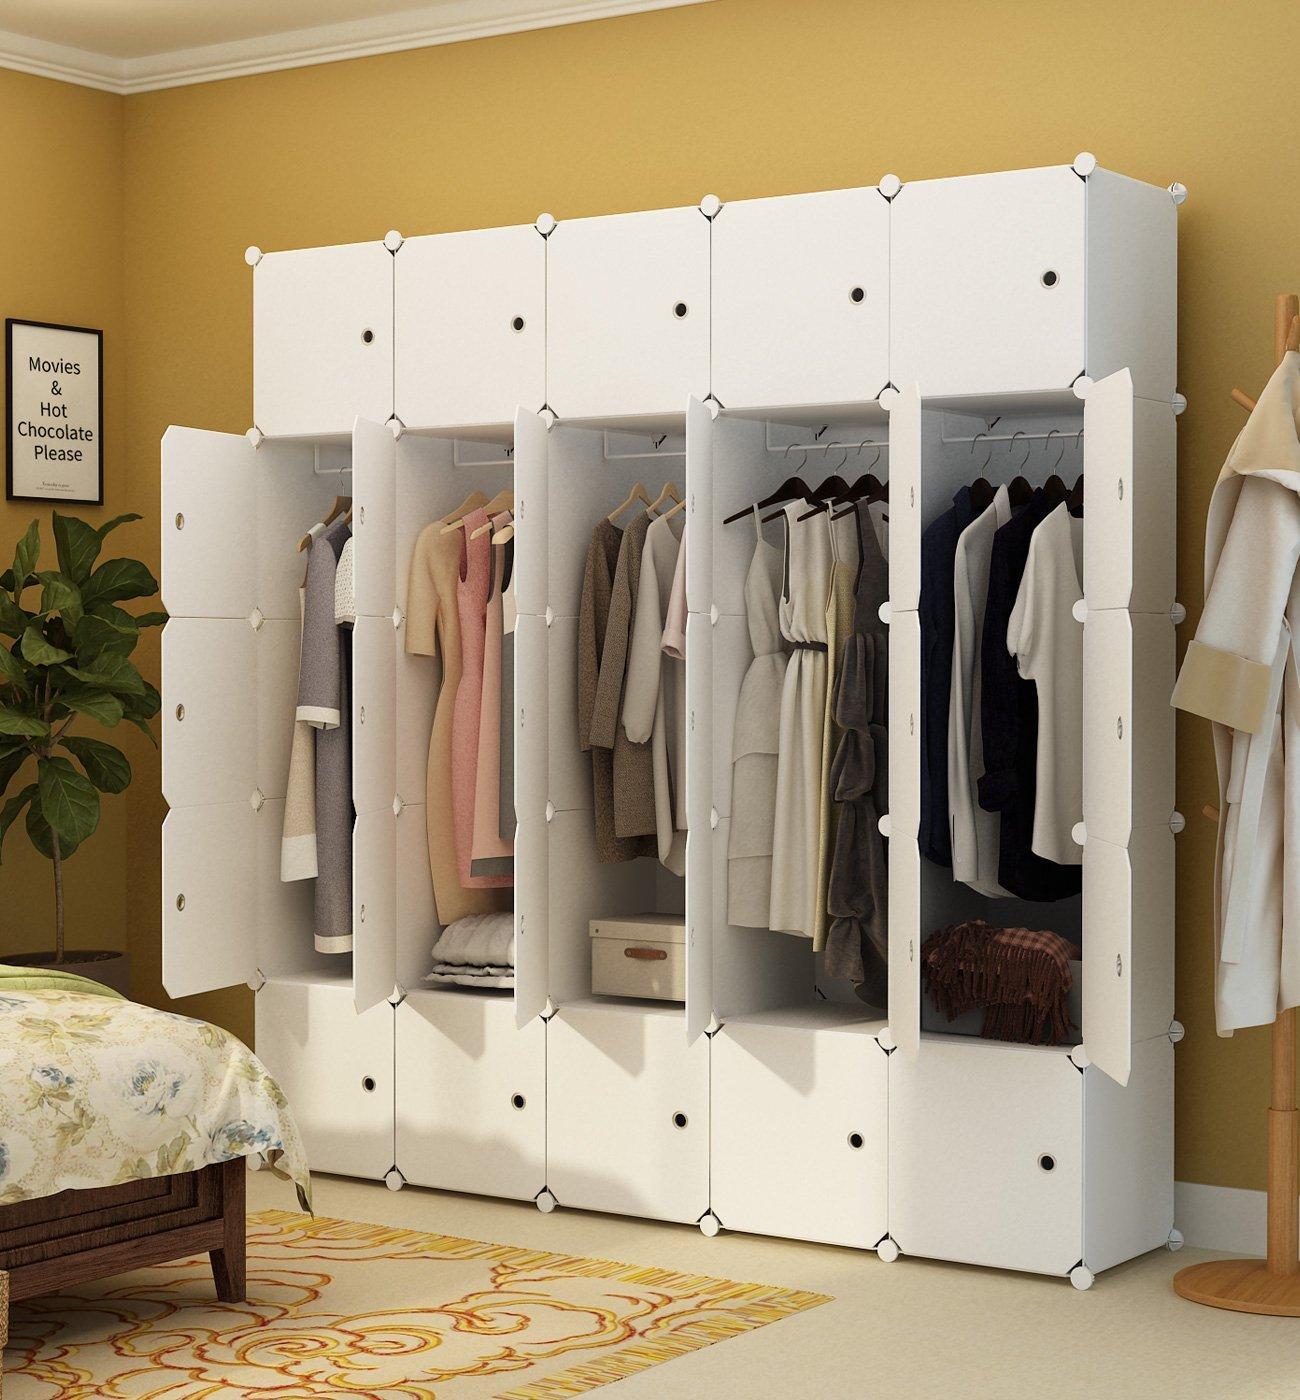 Grosshandel Tragbarer Kleiderschrank Zum Aufhangen Von Kleidung